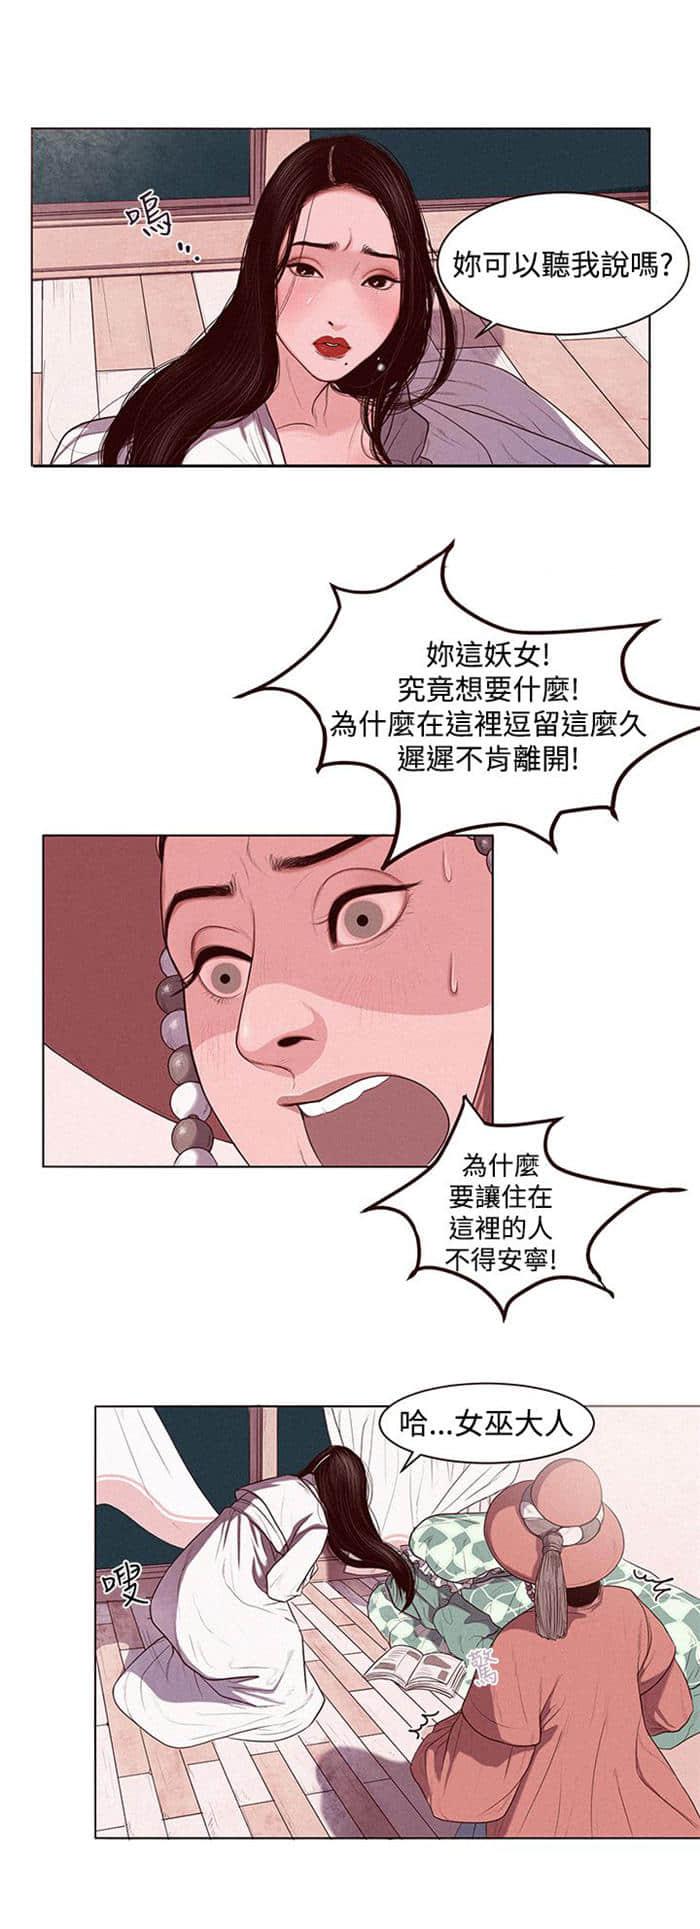 女巫闹闹一周运势最新一期2021一手国产漫迷漫画